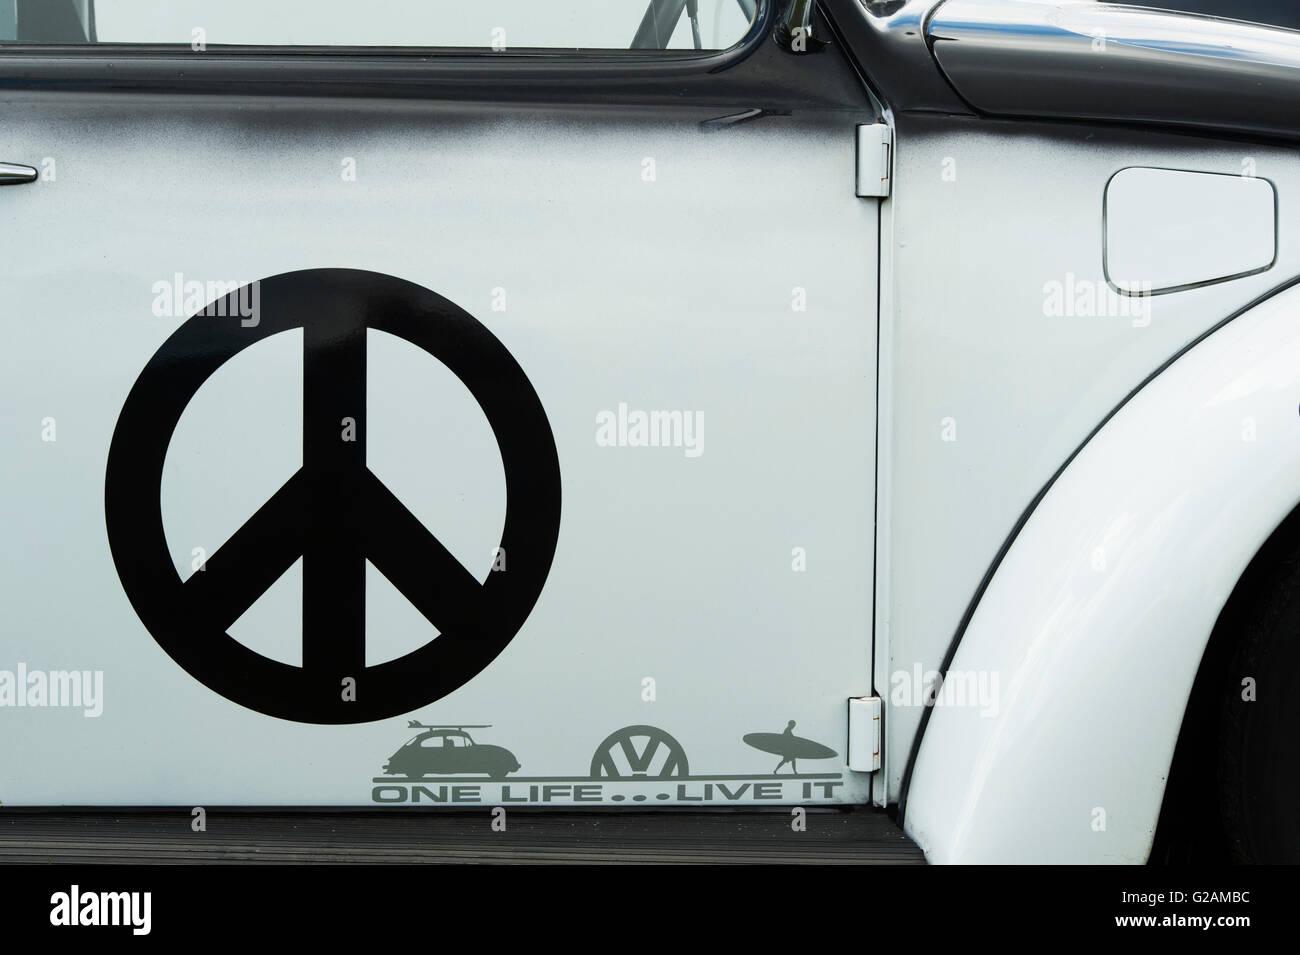 VW Volkswagen Beetle coche con una pegatina de la CND resumen Imagen De Stock